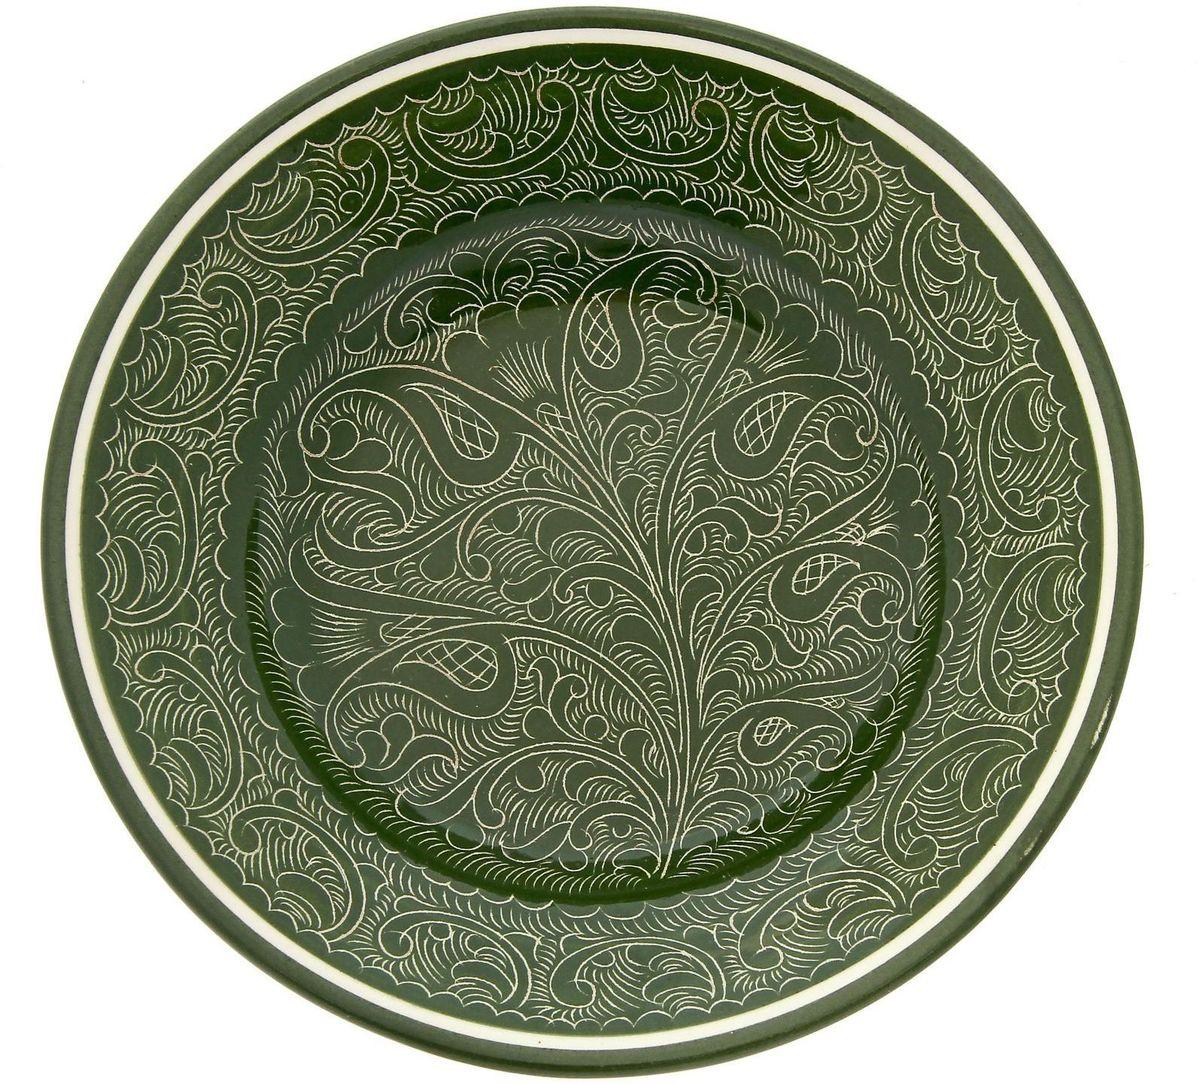 Тарелка глубокая Риштанская керамика, цвет: зеленый, диаметр 20 см. 19234471923447Узбекская посуда известна всему миру уже более тысячи лет. Ей любовались царские особы, на ней подавали еду шейхам и знатным персонам. Формула глазури передается из поколения в поколение. По сей день качественные изделия продолжают восхищать своей идеальной формой.Глубокая тарелка Риштанская керамика подойдёт для повседневной и праздничной сервировки. Дополните стол текстилем и салфетками в тон, чтобы получить элегантное убранство с яркими акцентами.Диаметр: 20 см.